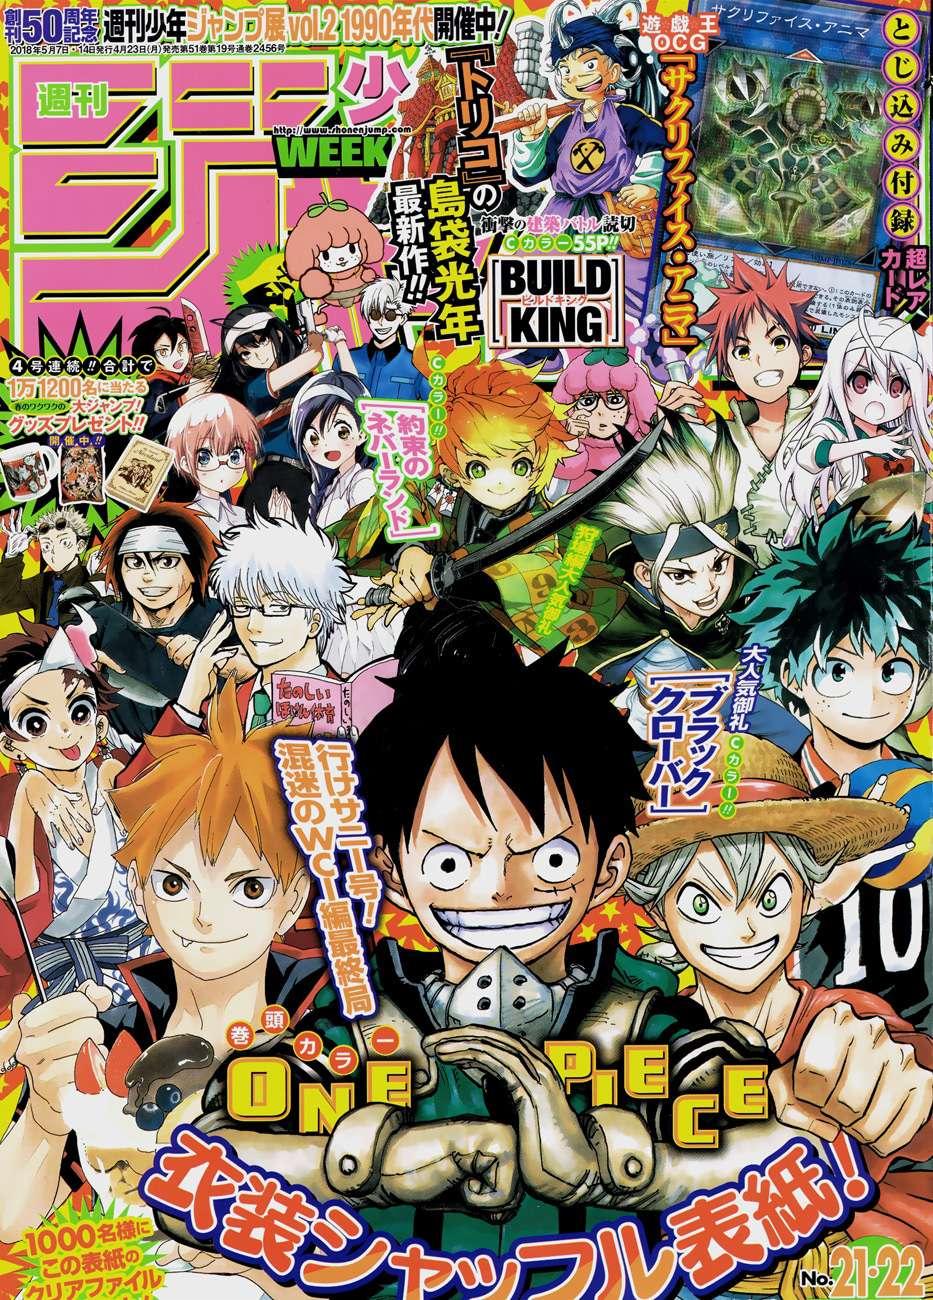 مانجا One Piece 902 - مترجم - 1